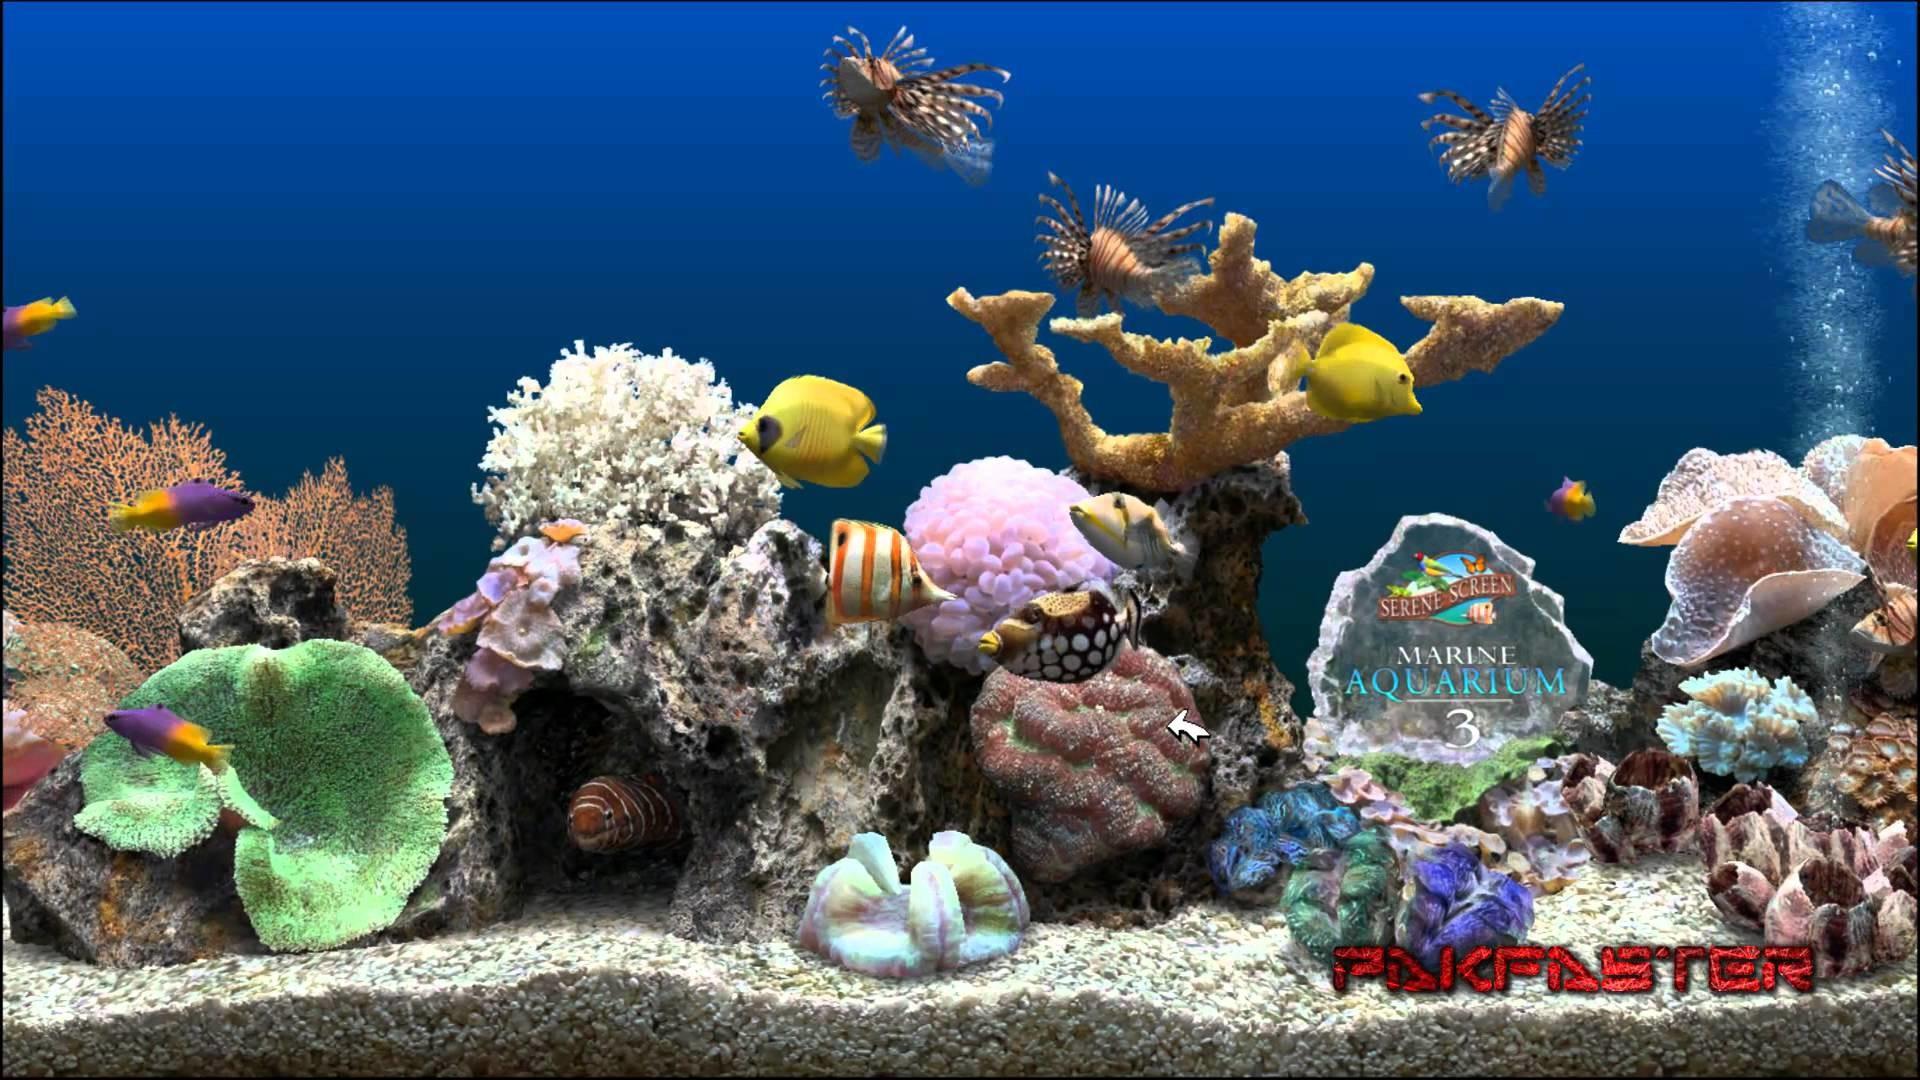 Aquarium Wallpaper : Usmc wallpapers and screensavers wallpapersafari